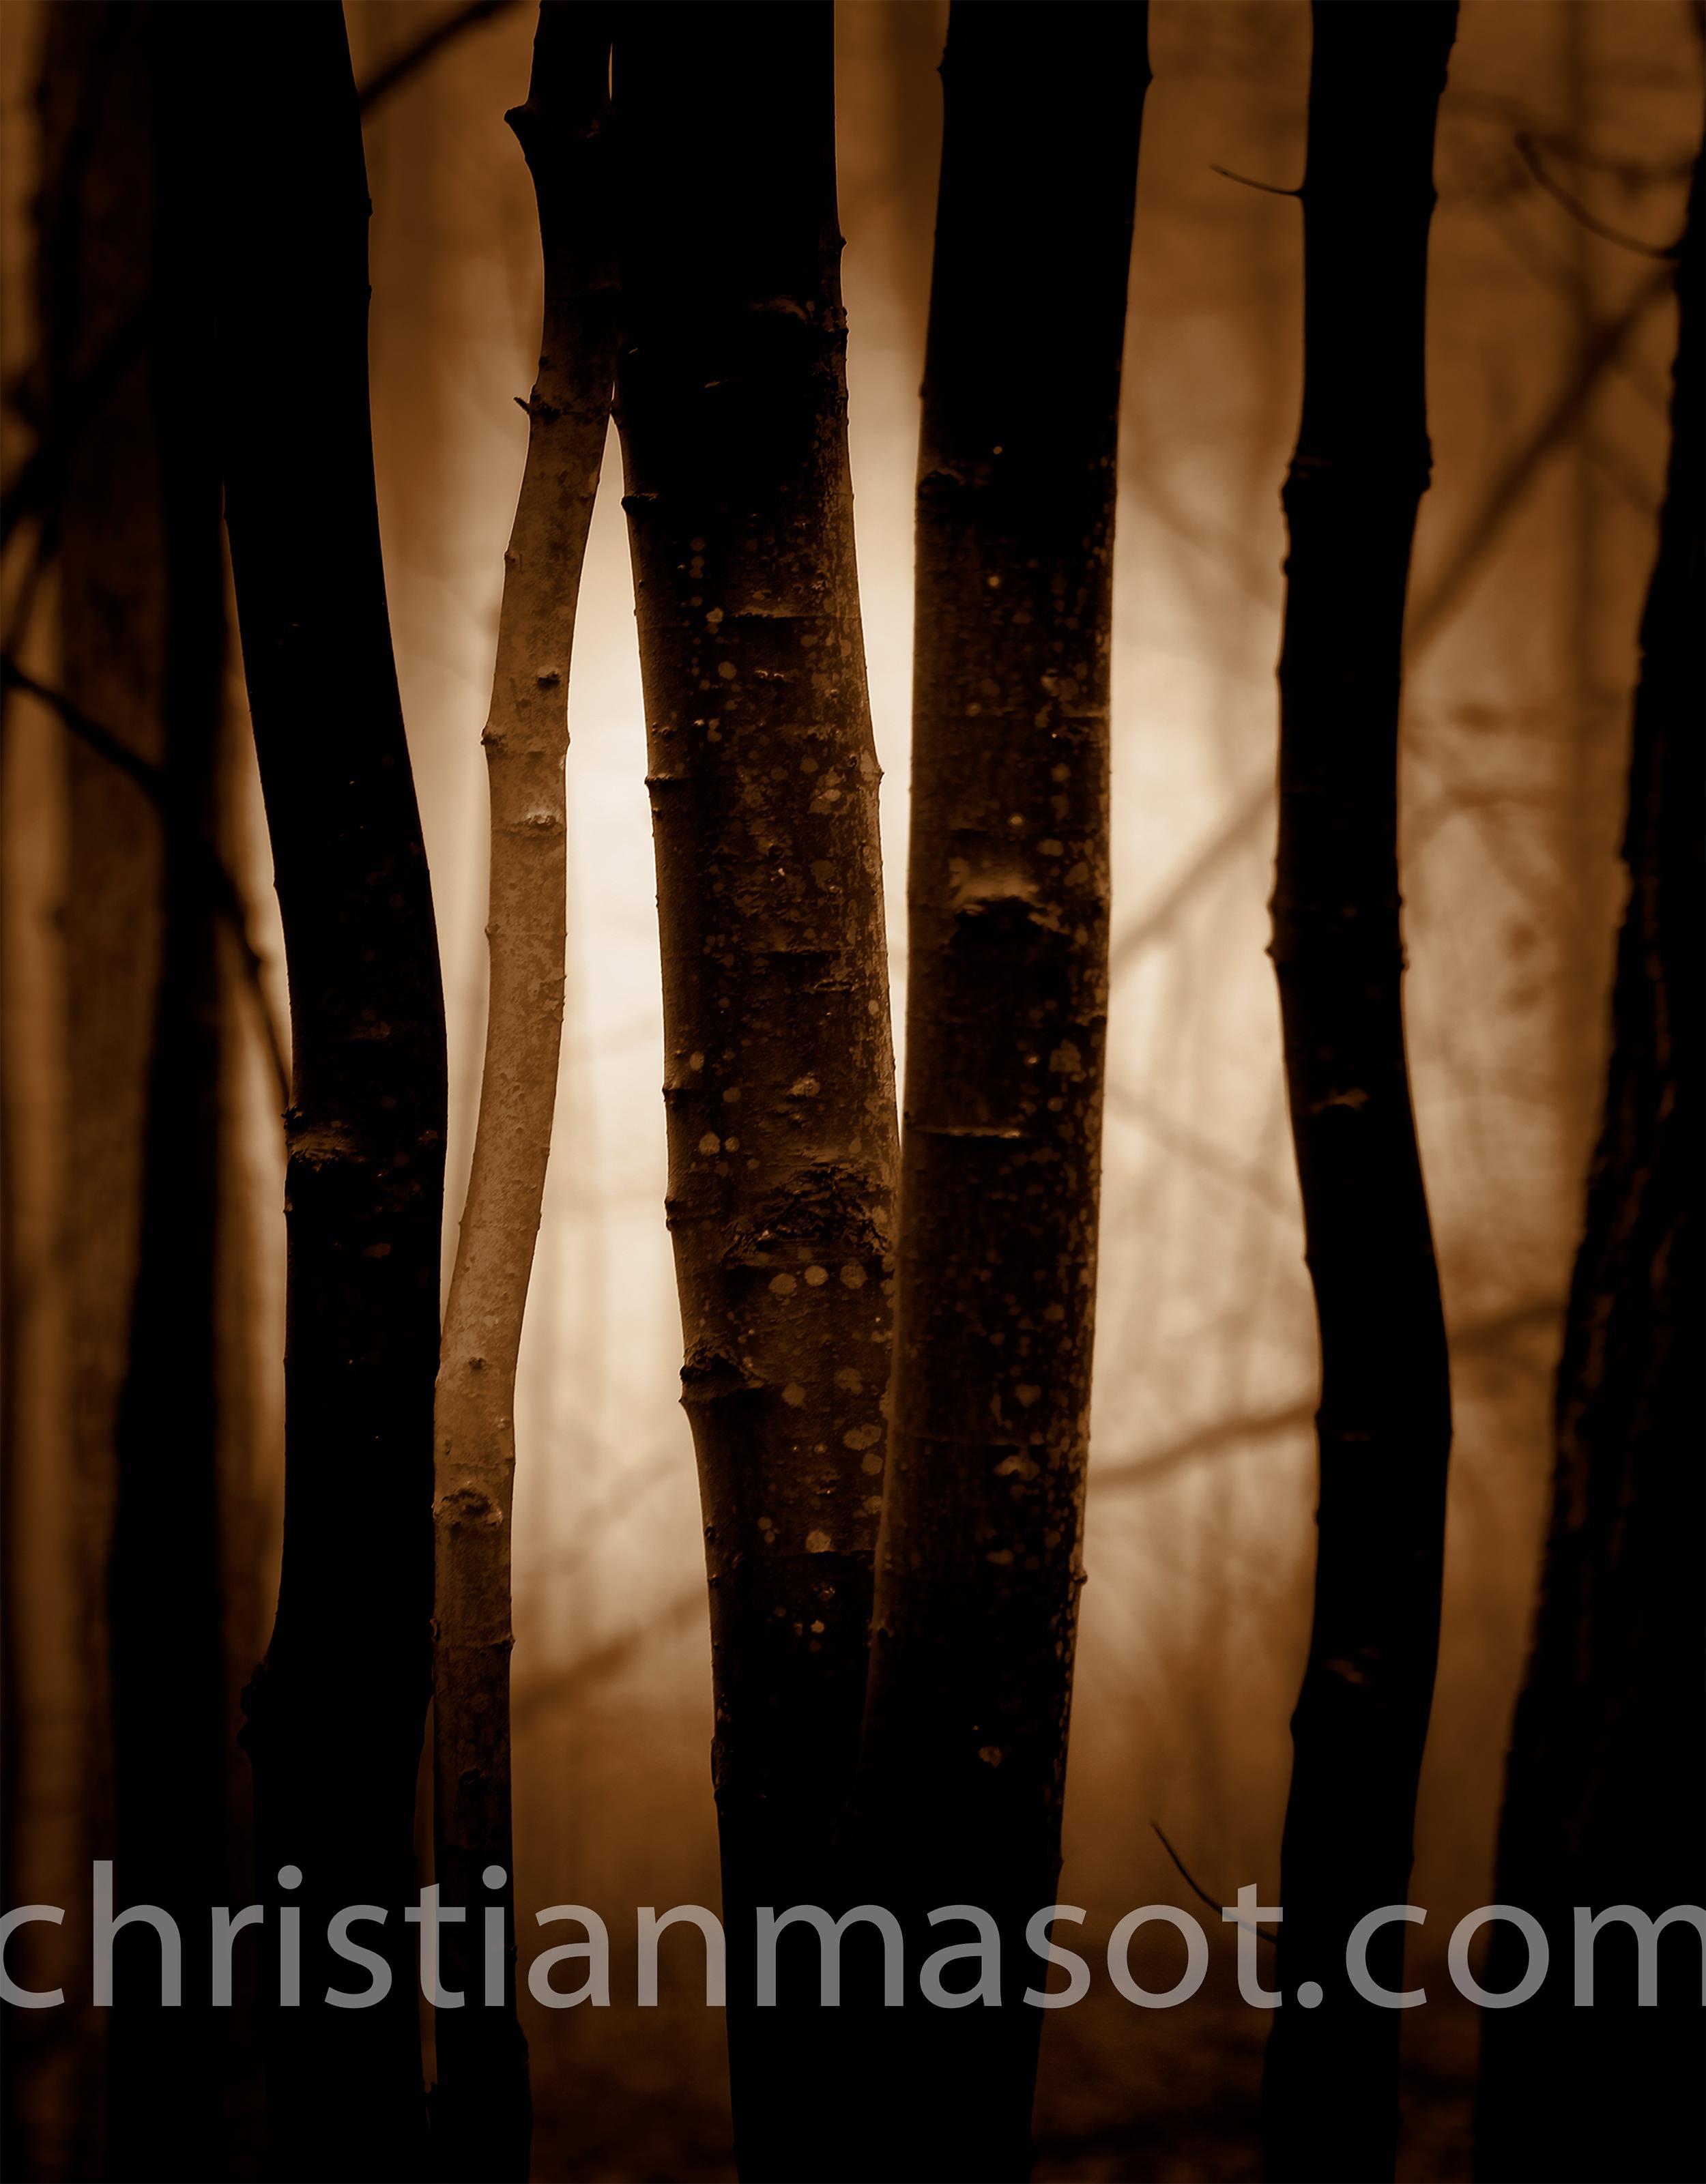 christianmasot-10.jpg